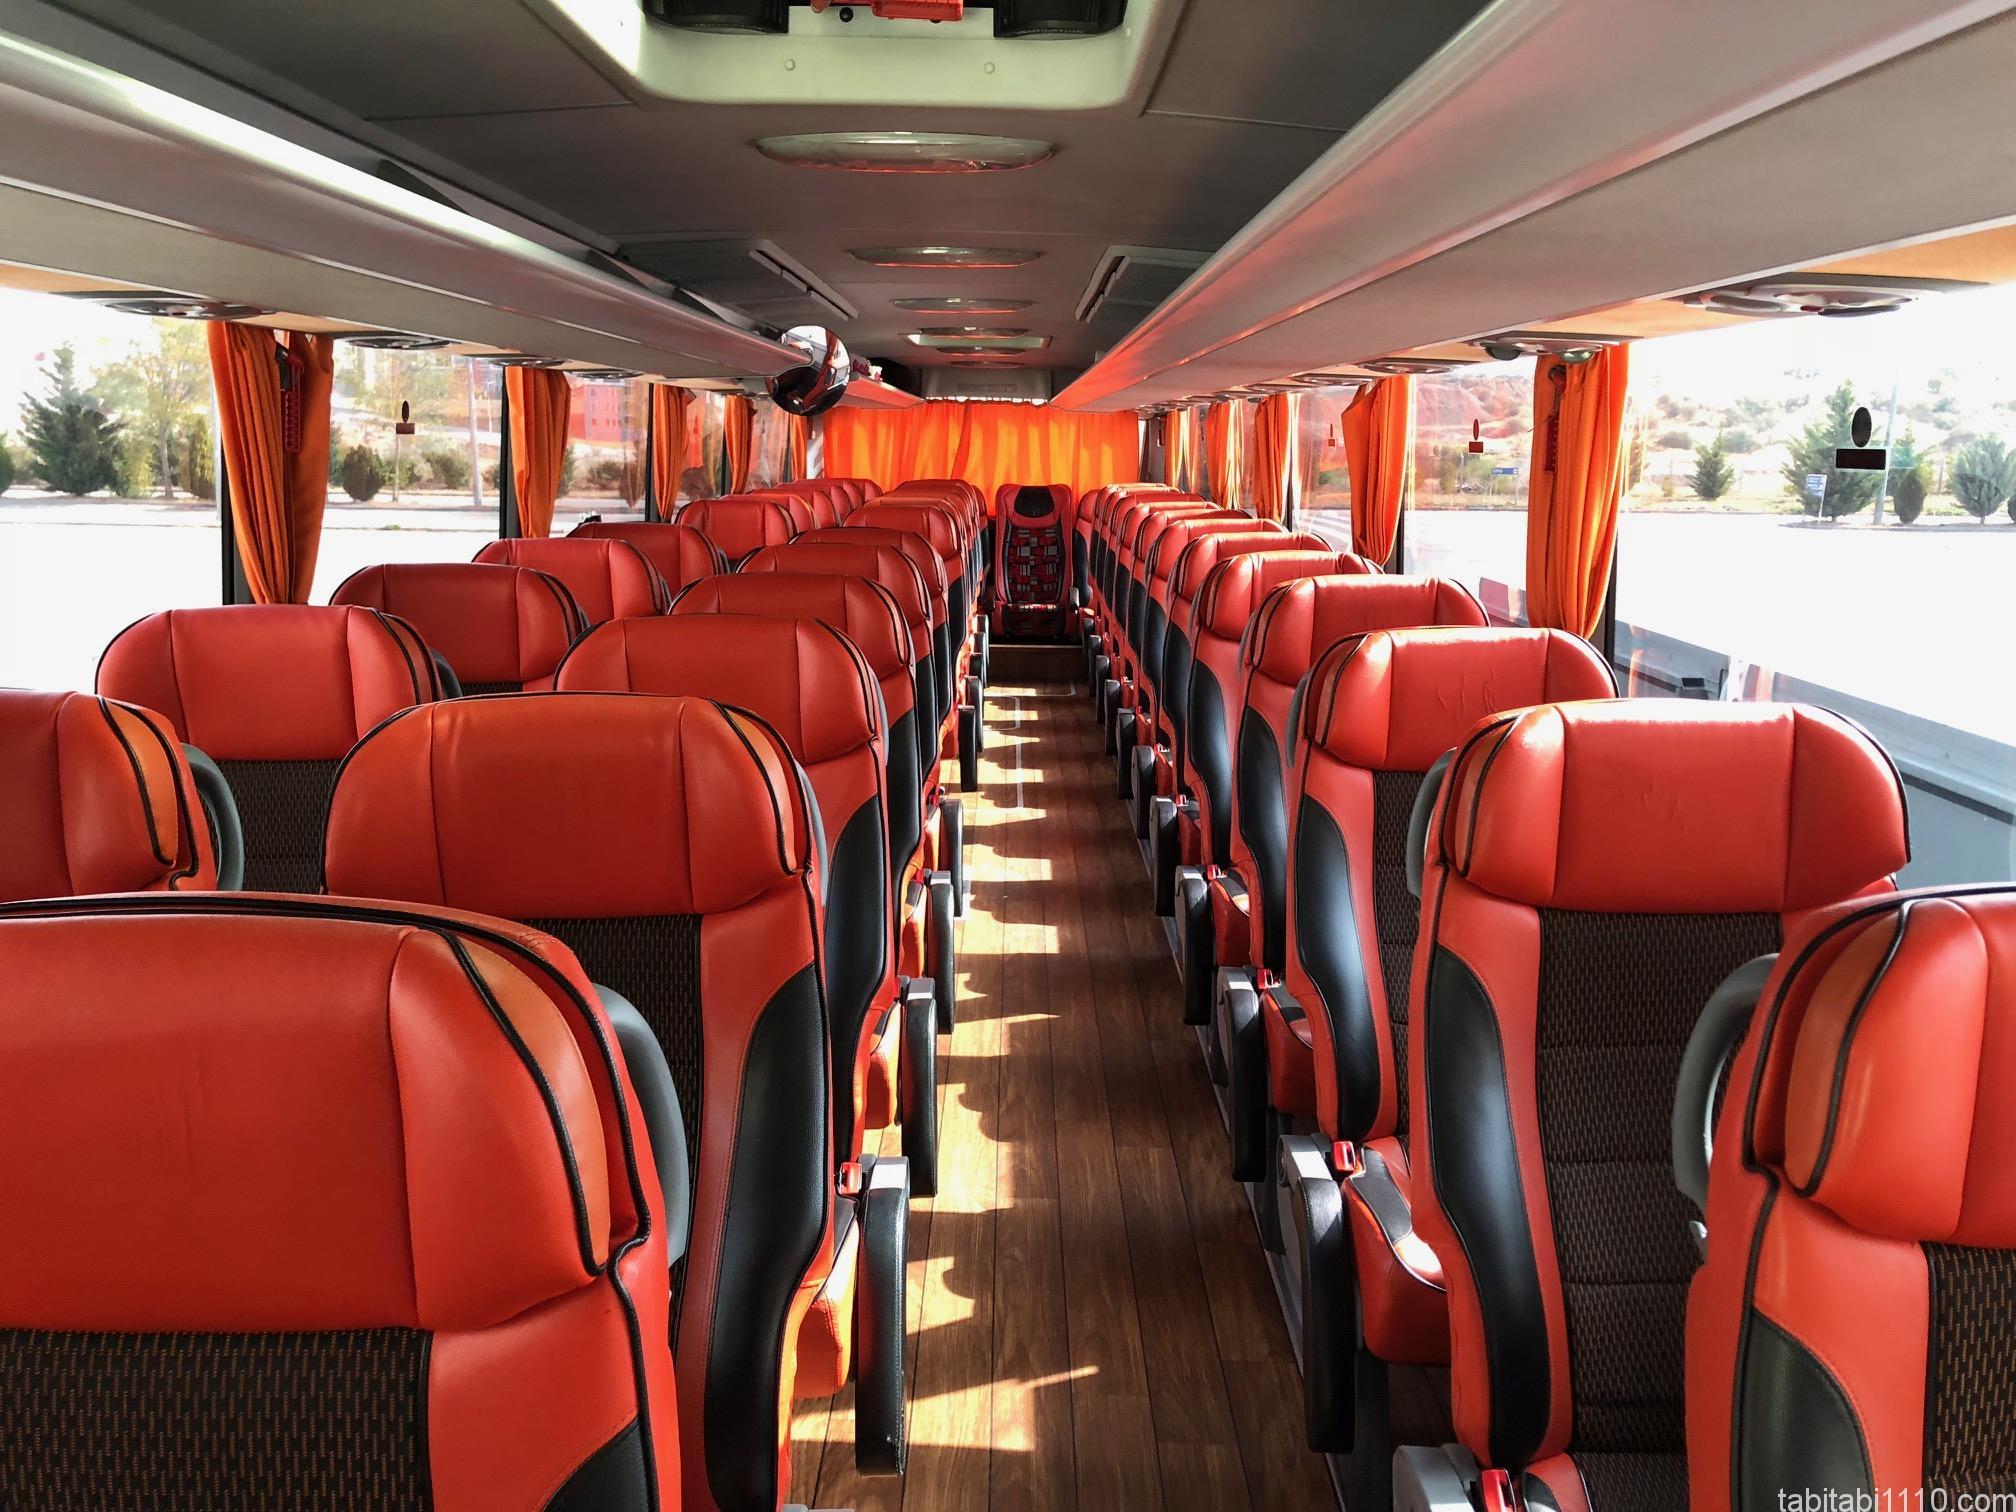 ギョレメからアンカラの移動|ネヴシェヒルからのバス